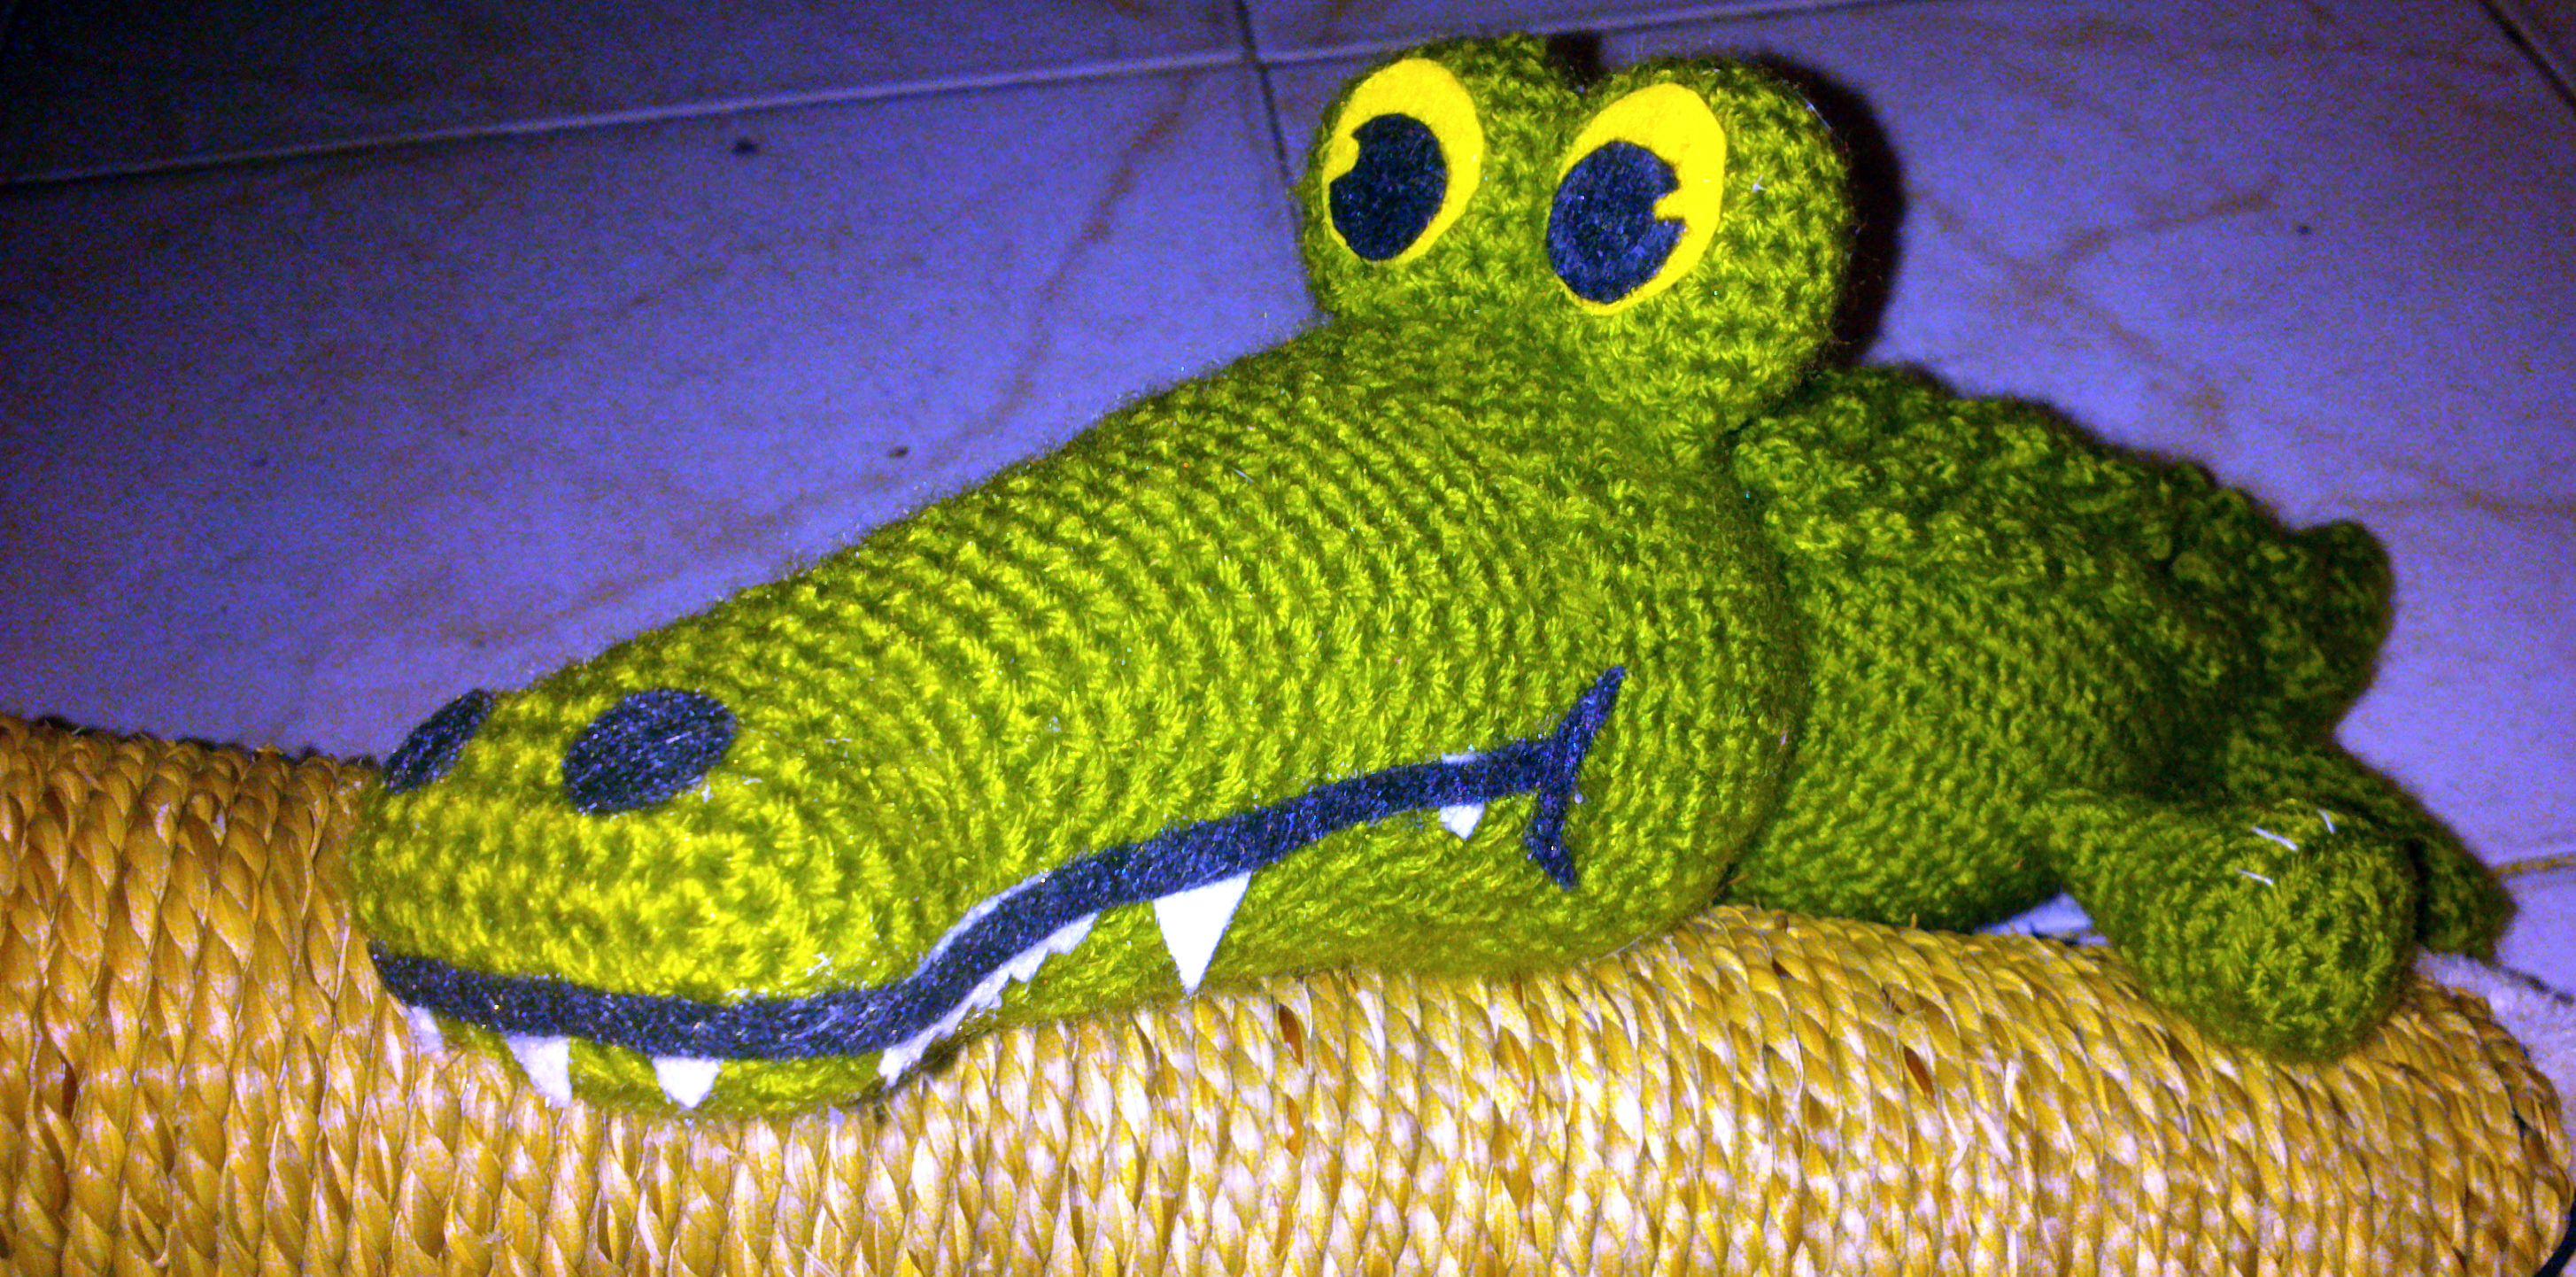 <3 Amigurumi Crocodile <3